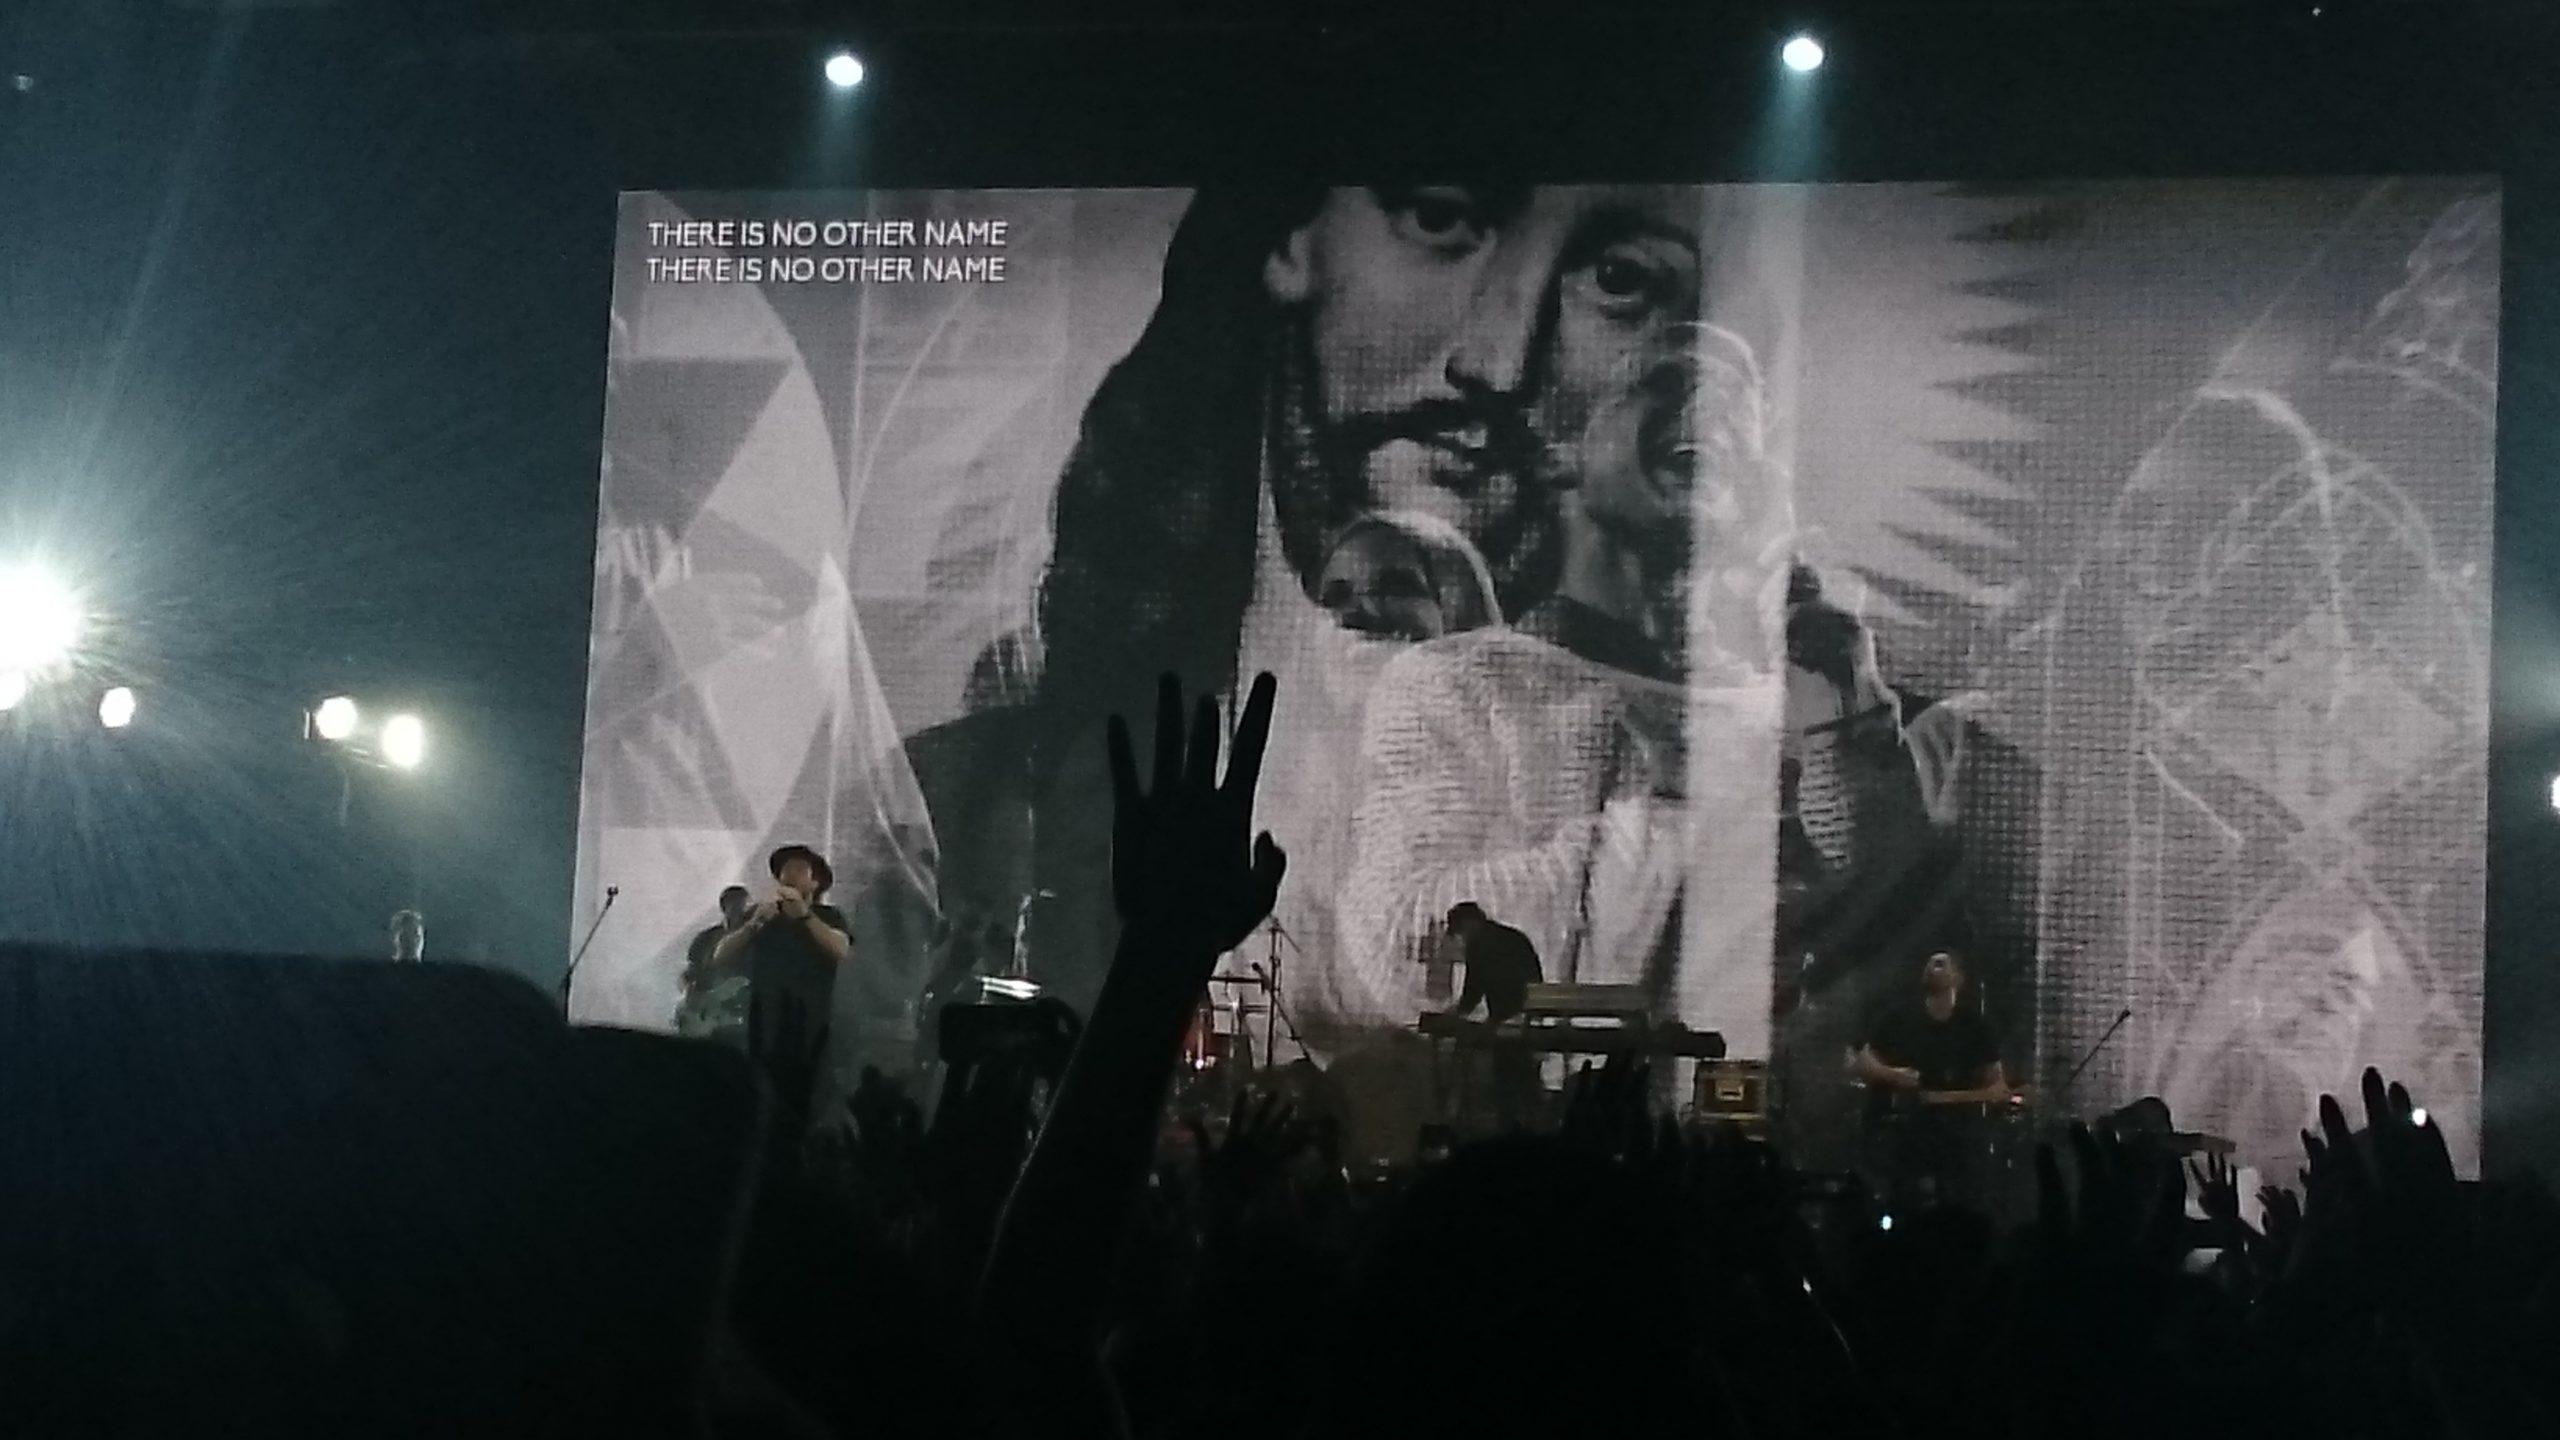 クリスチャン賛美歌バンドならではの演出